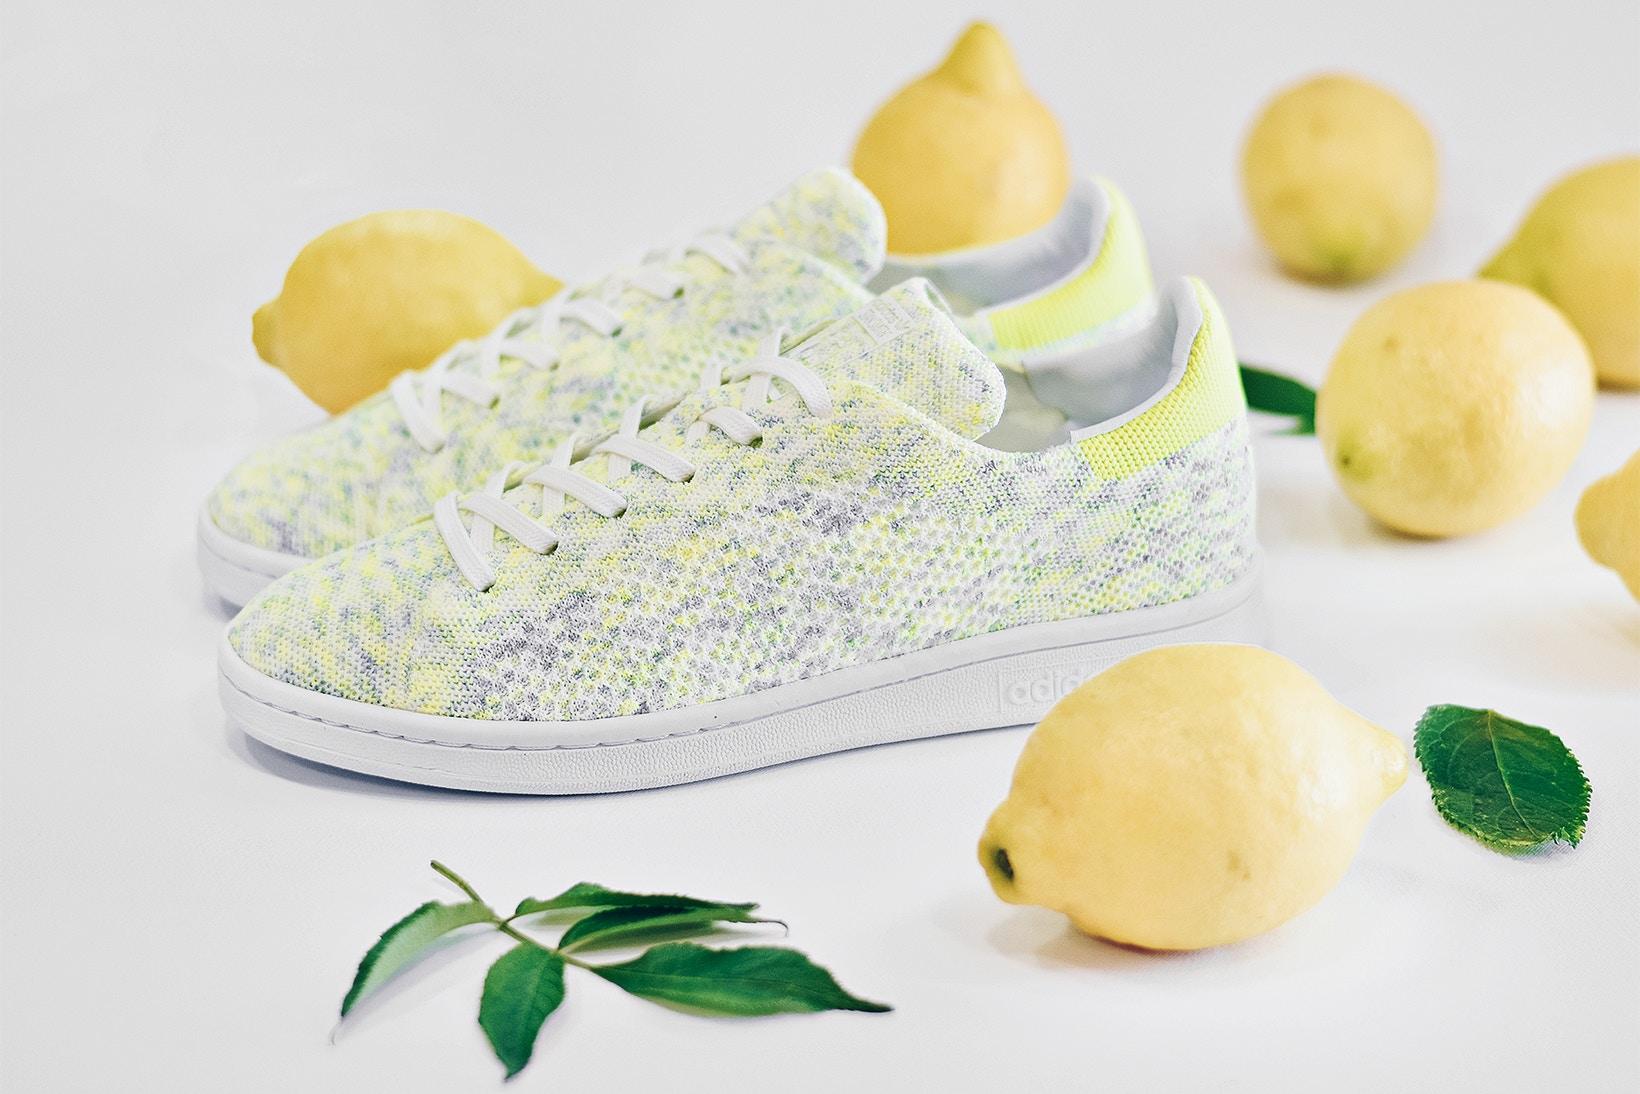 Điểm mặt những mẫu giày thể thao chất lừ ra mắt cuối tháng 6 - Ảnh 11.